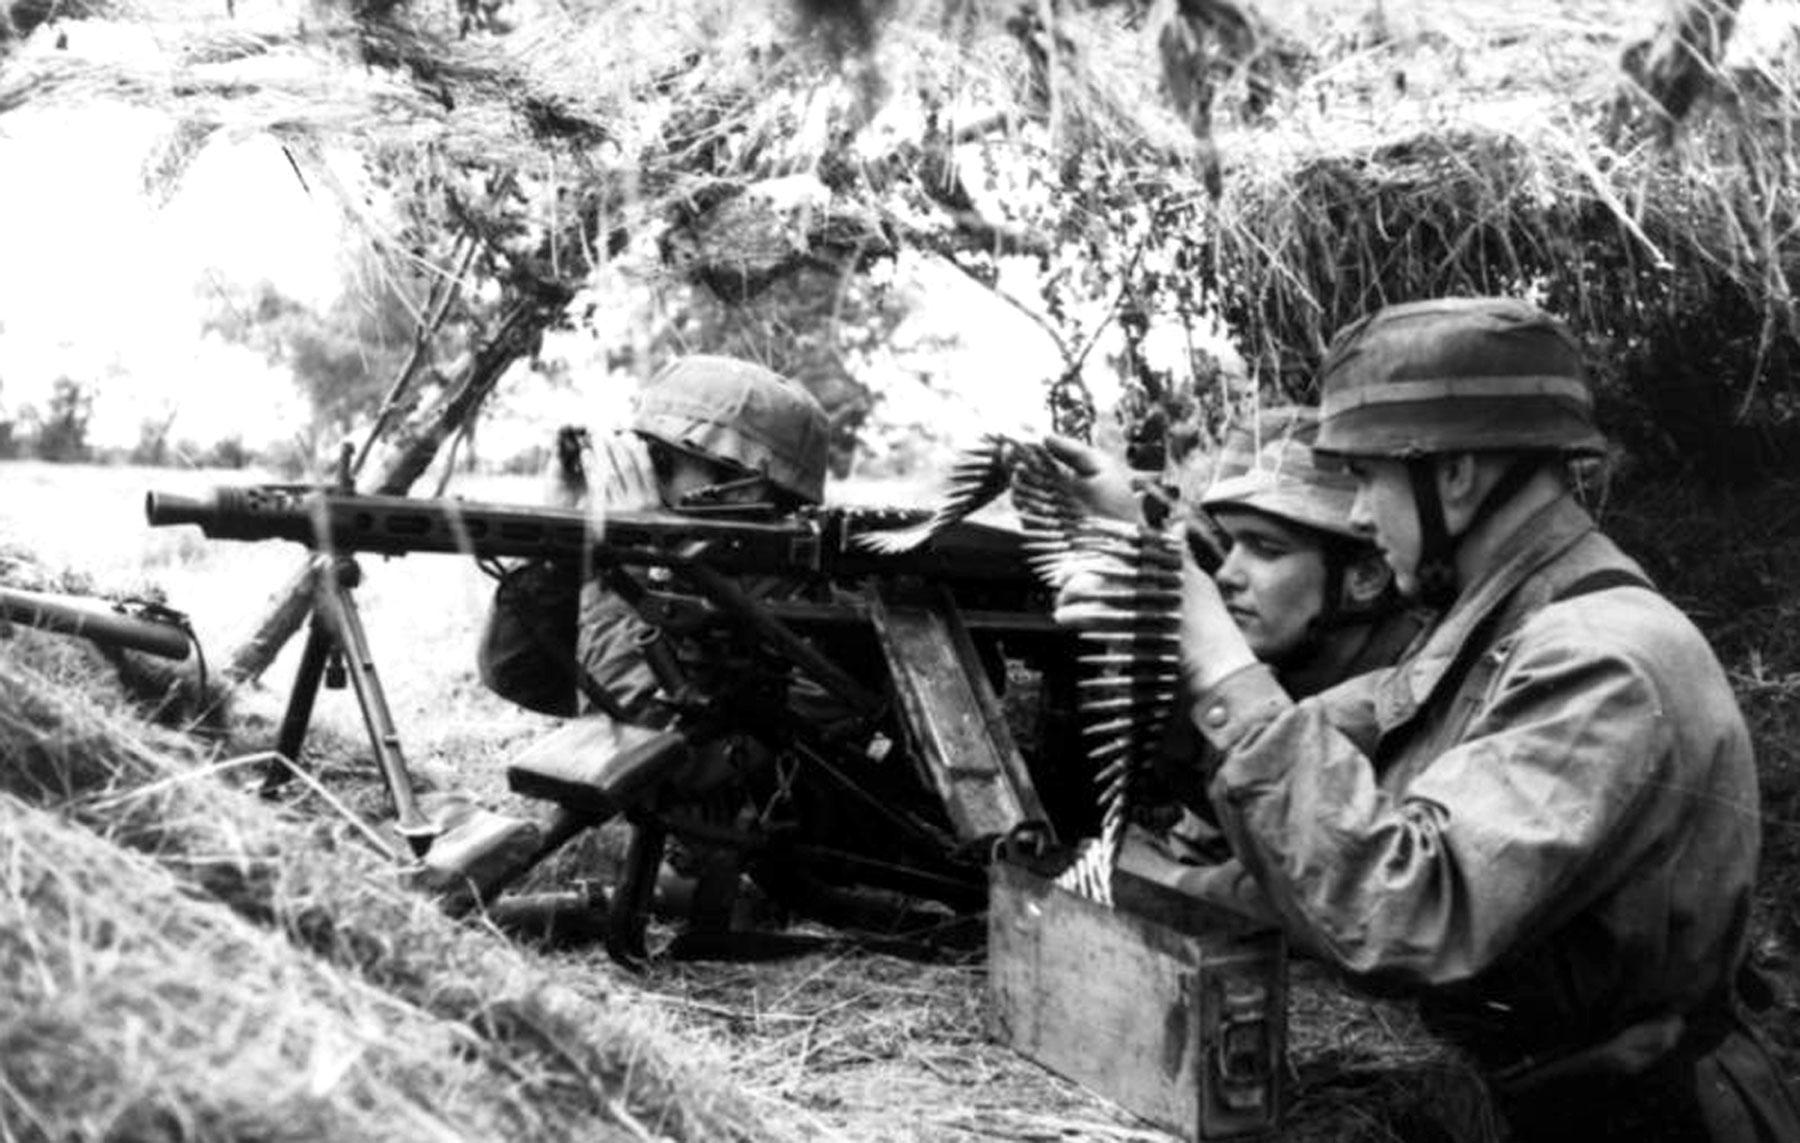 Немецкие парашутисты на позиции с пулемётом MG 42